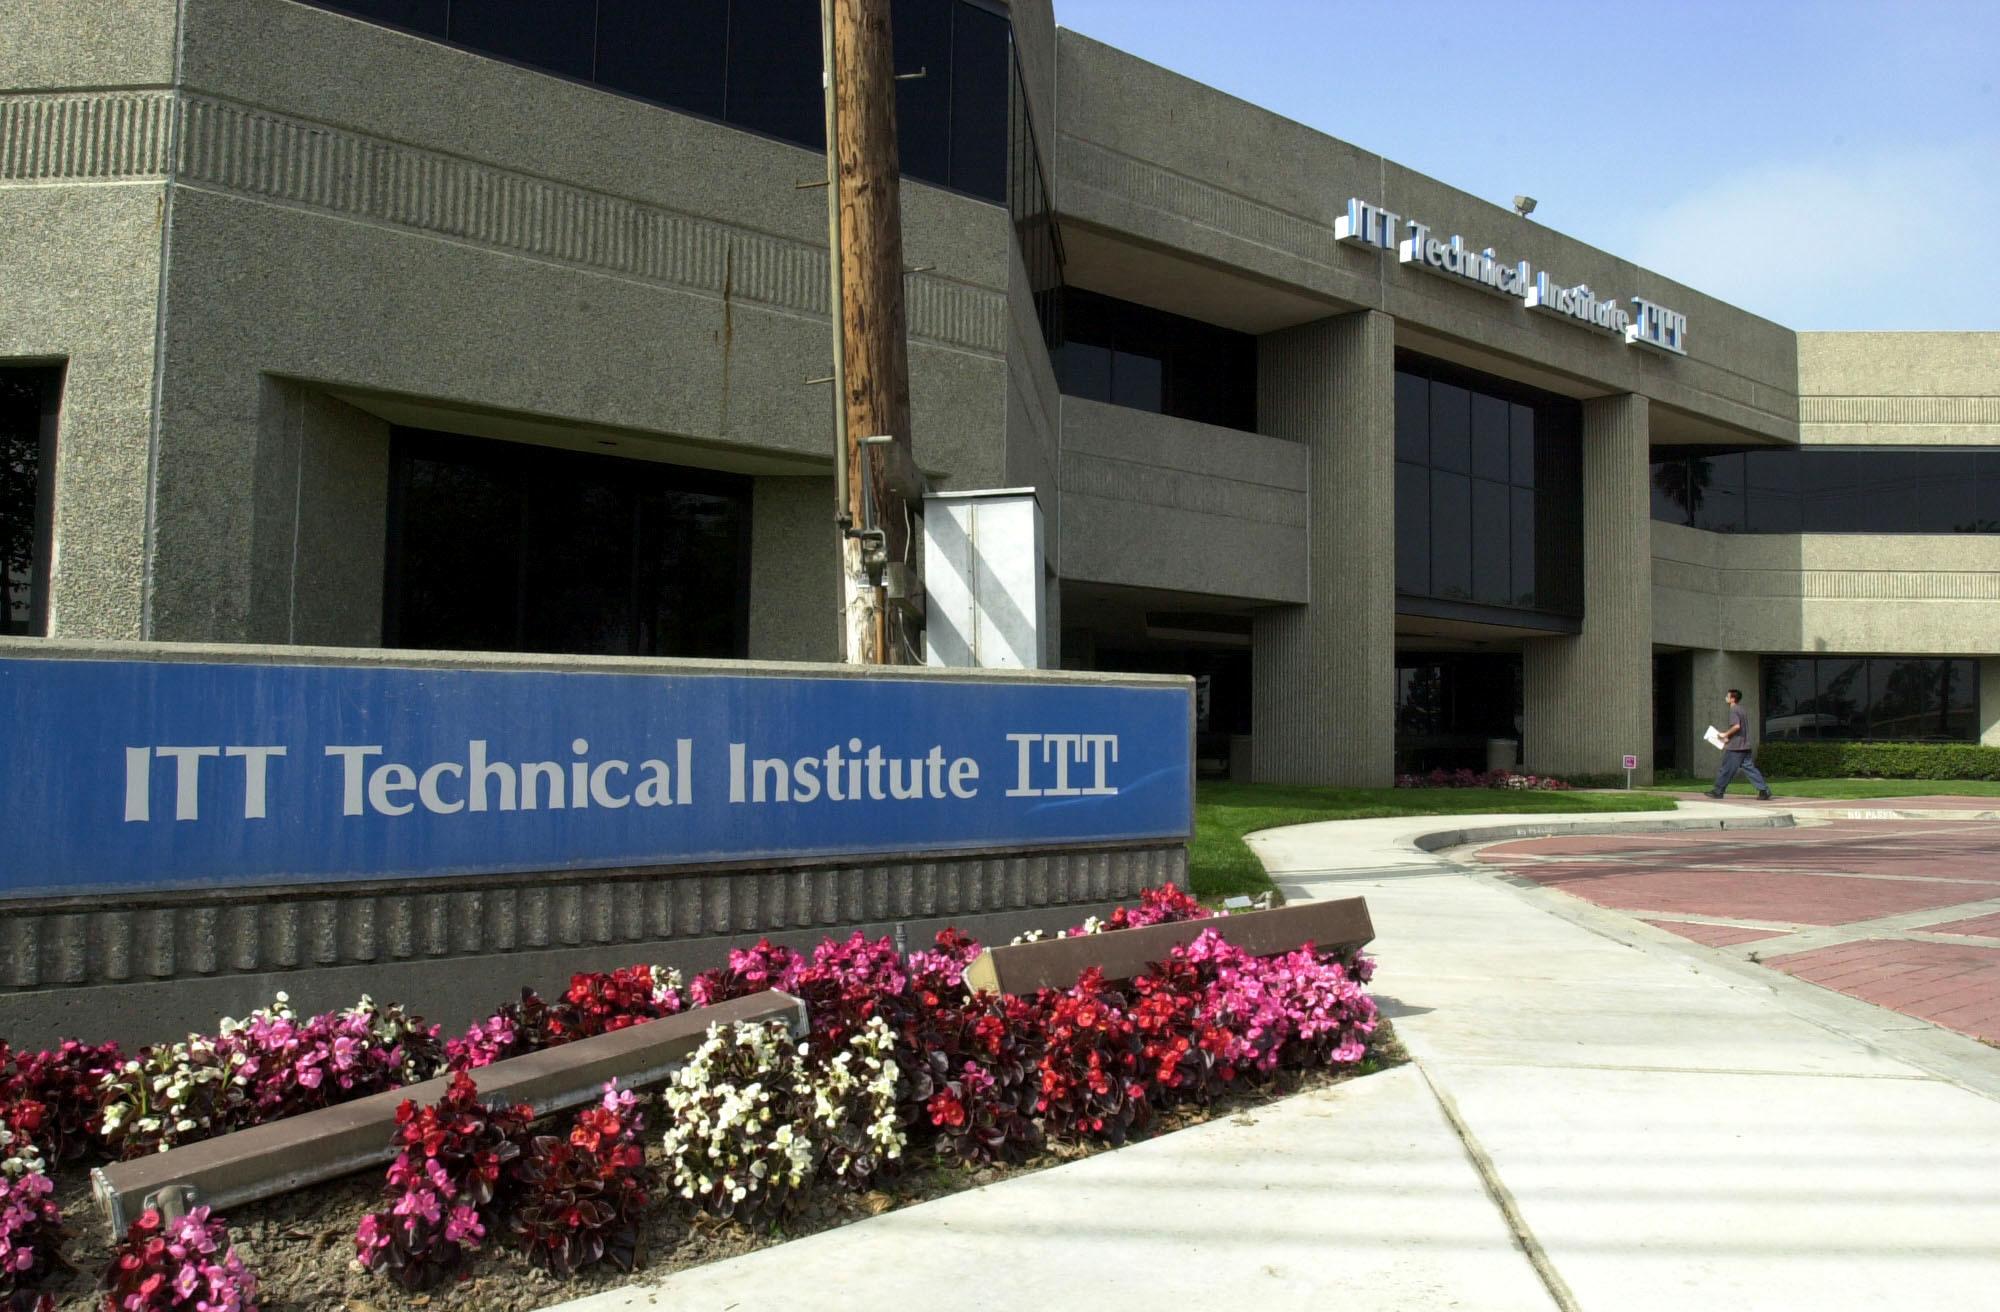 campus of ITT Technical Institute in Anaheim, California